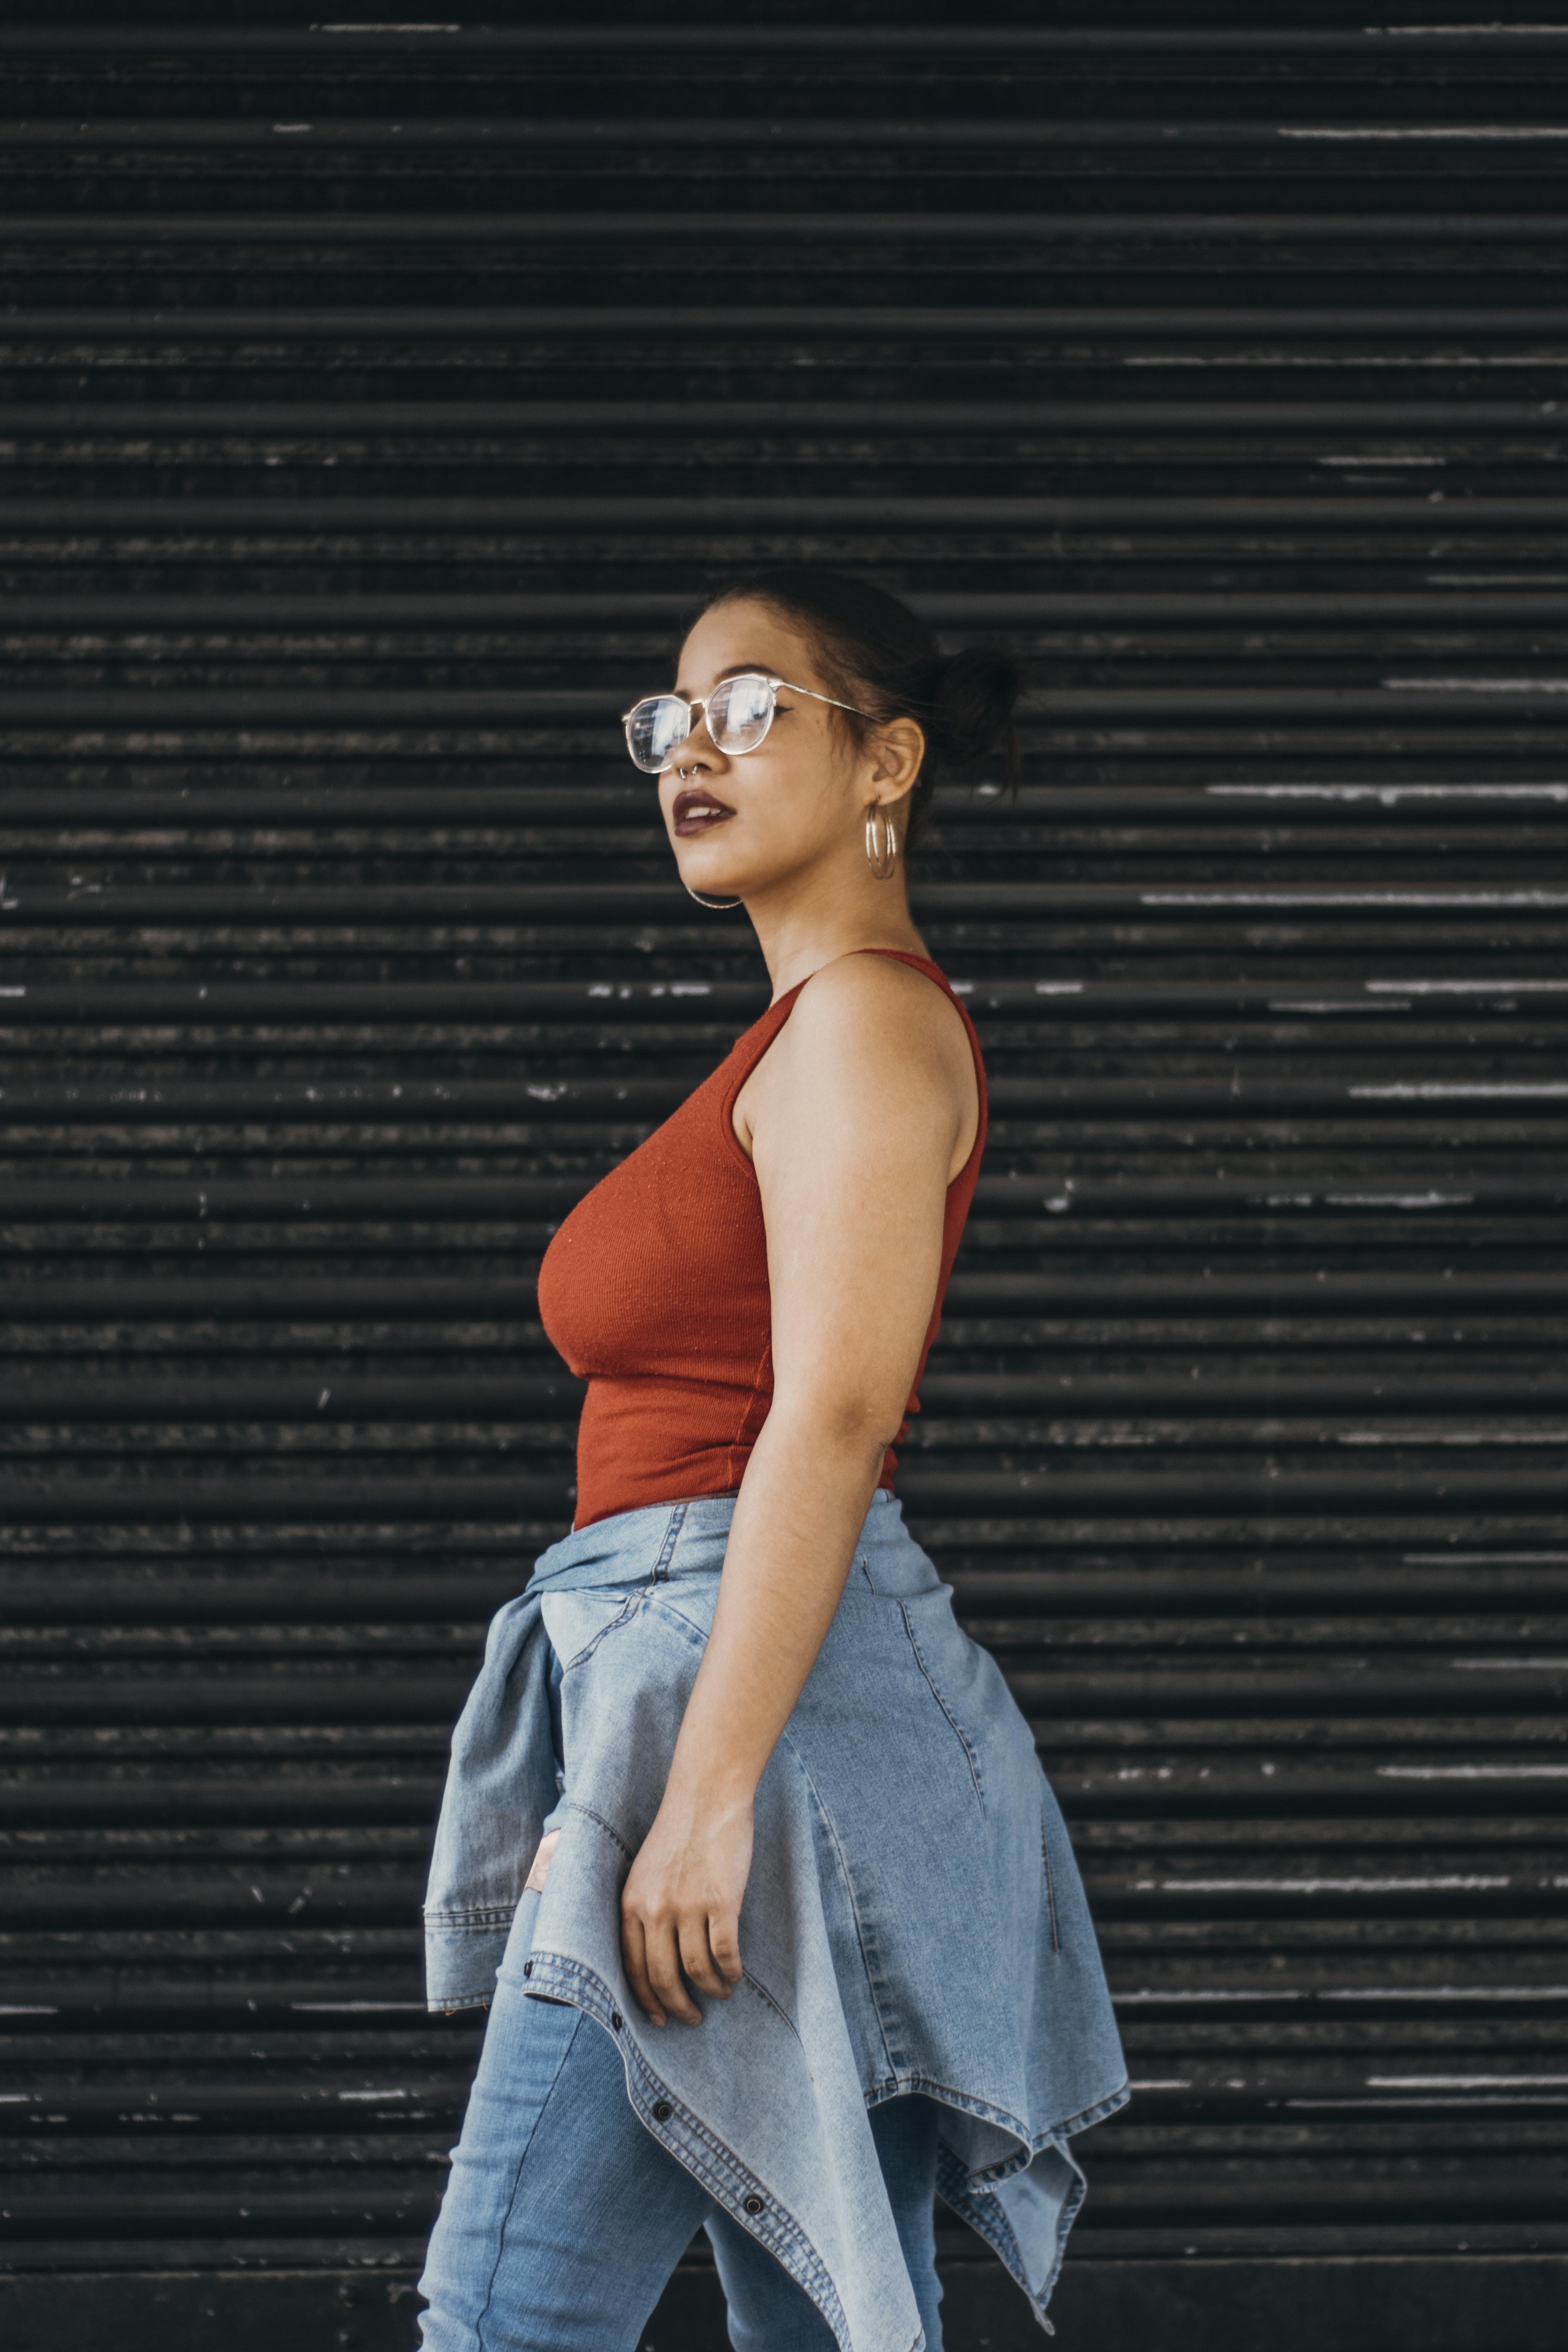 Foto De Mujer Vistiendo Camiseta Sin Mangas · Fotos de stock gratuitas